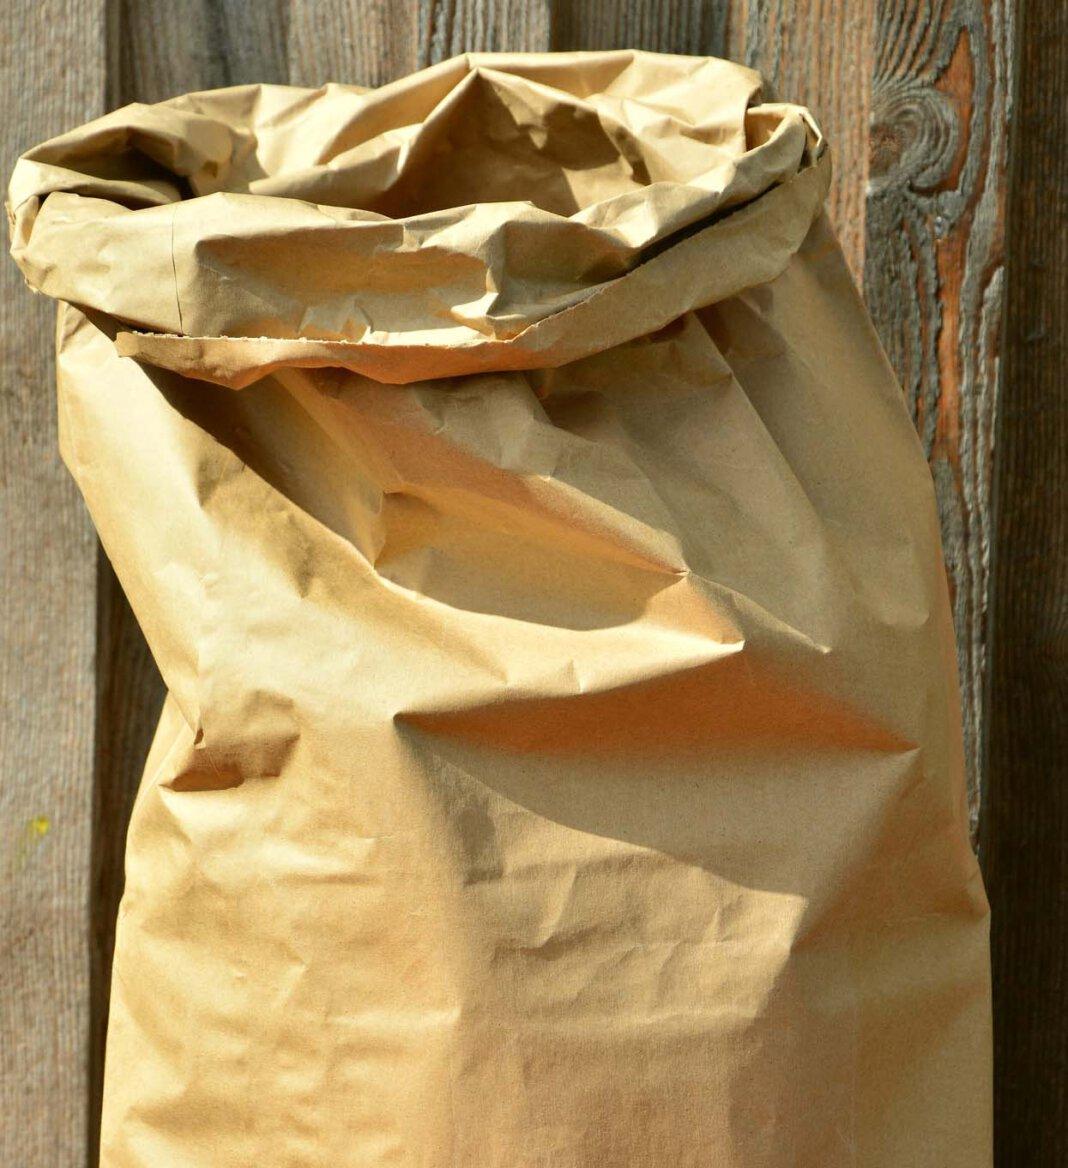 Papiersäcke für die kommende Strauch- und Astwerkaktion sind ab Montag bei der Stadt Werne erhältlich. Foto: pixabay